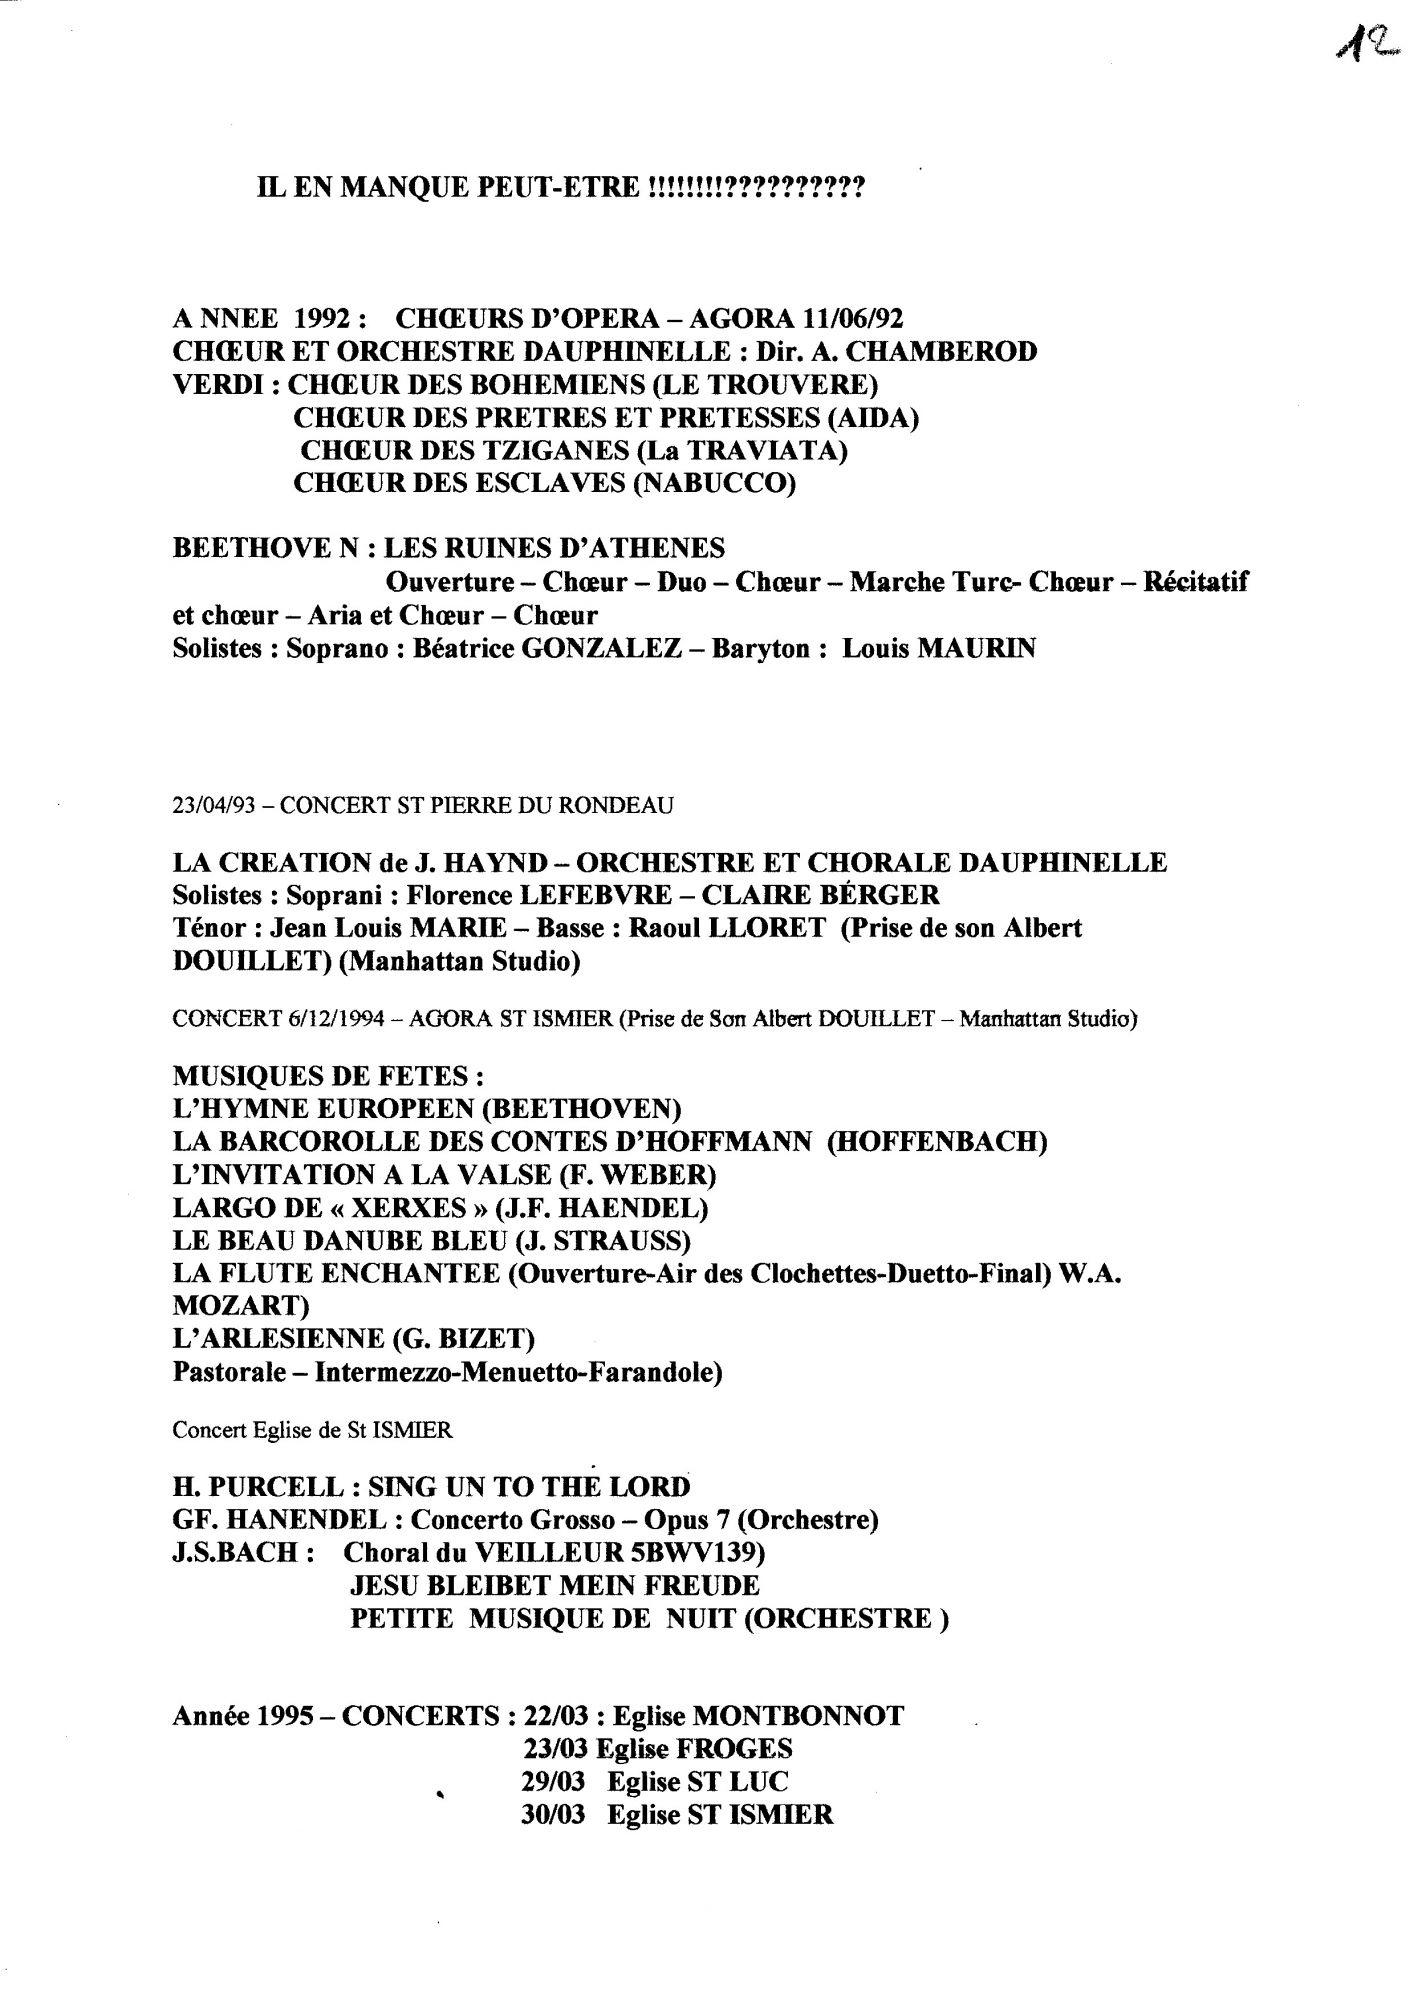 repertoire_1982-1994_p12